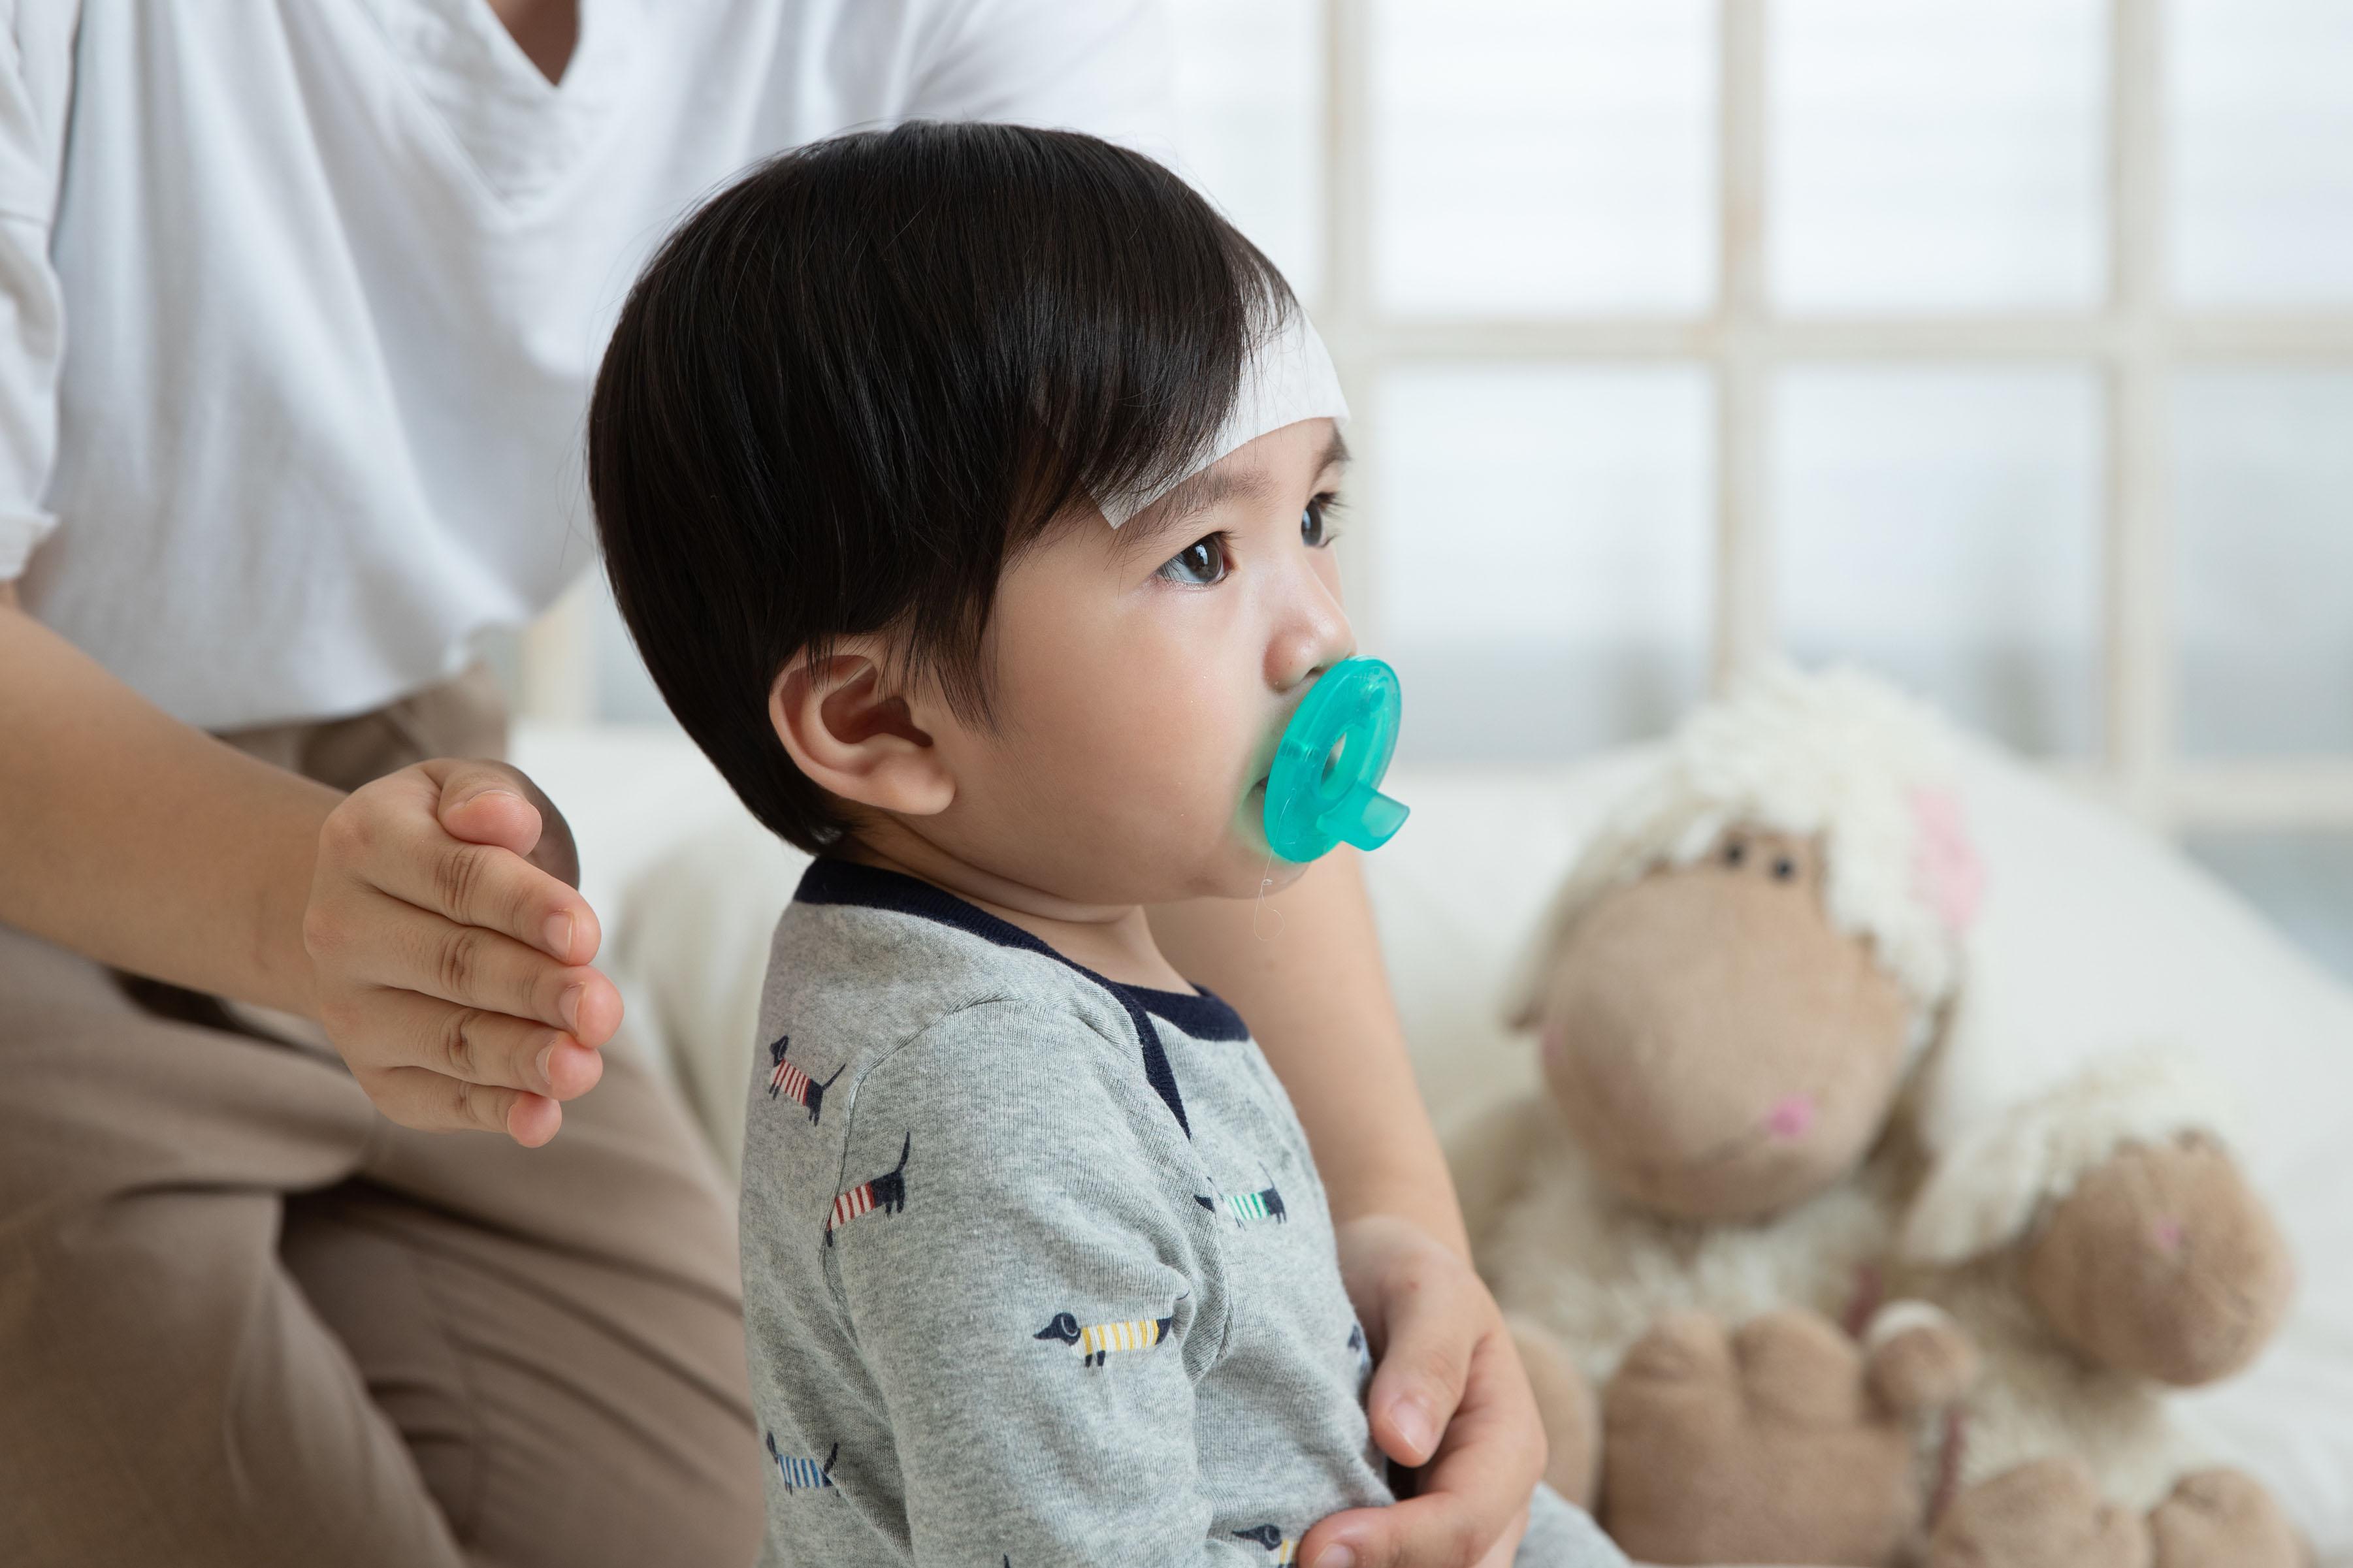 流感潛伏期只有1~3天,引發臨床症狀較重,包括開始全身性發冷、寒顫、高燒可達40°C、劇烈頭痛、眼?痛、流淚、手腳肌肉與關節酸痛等